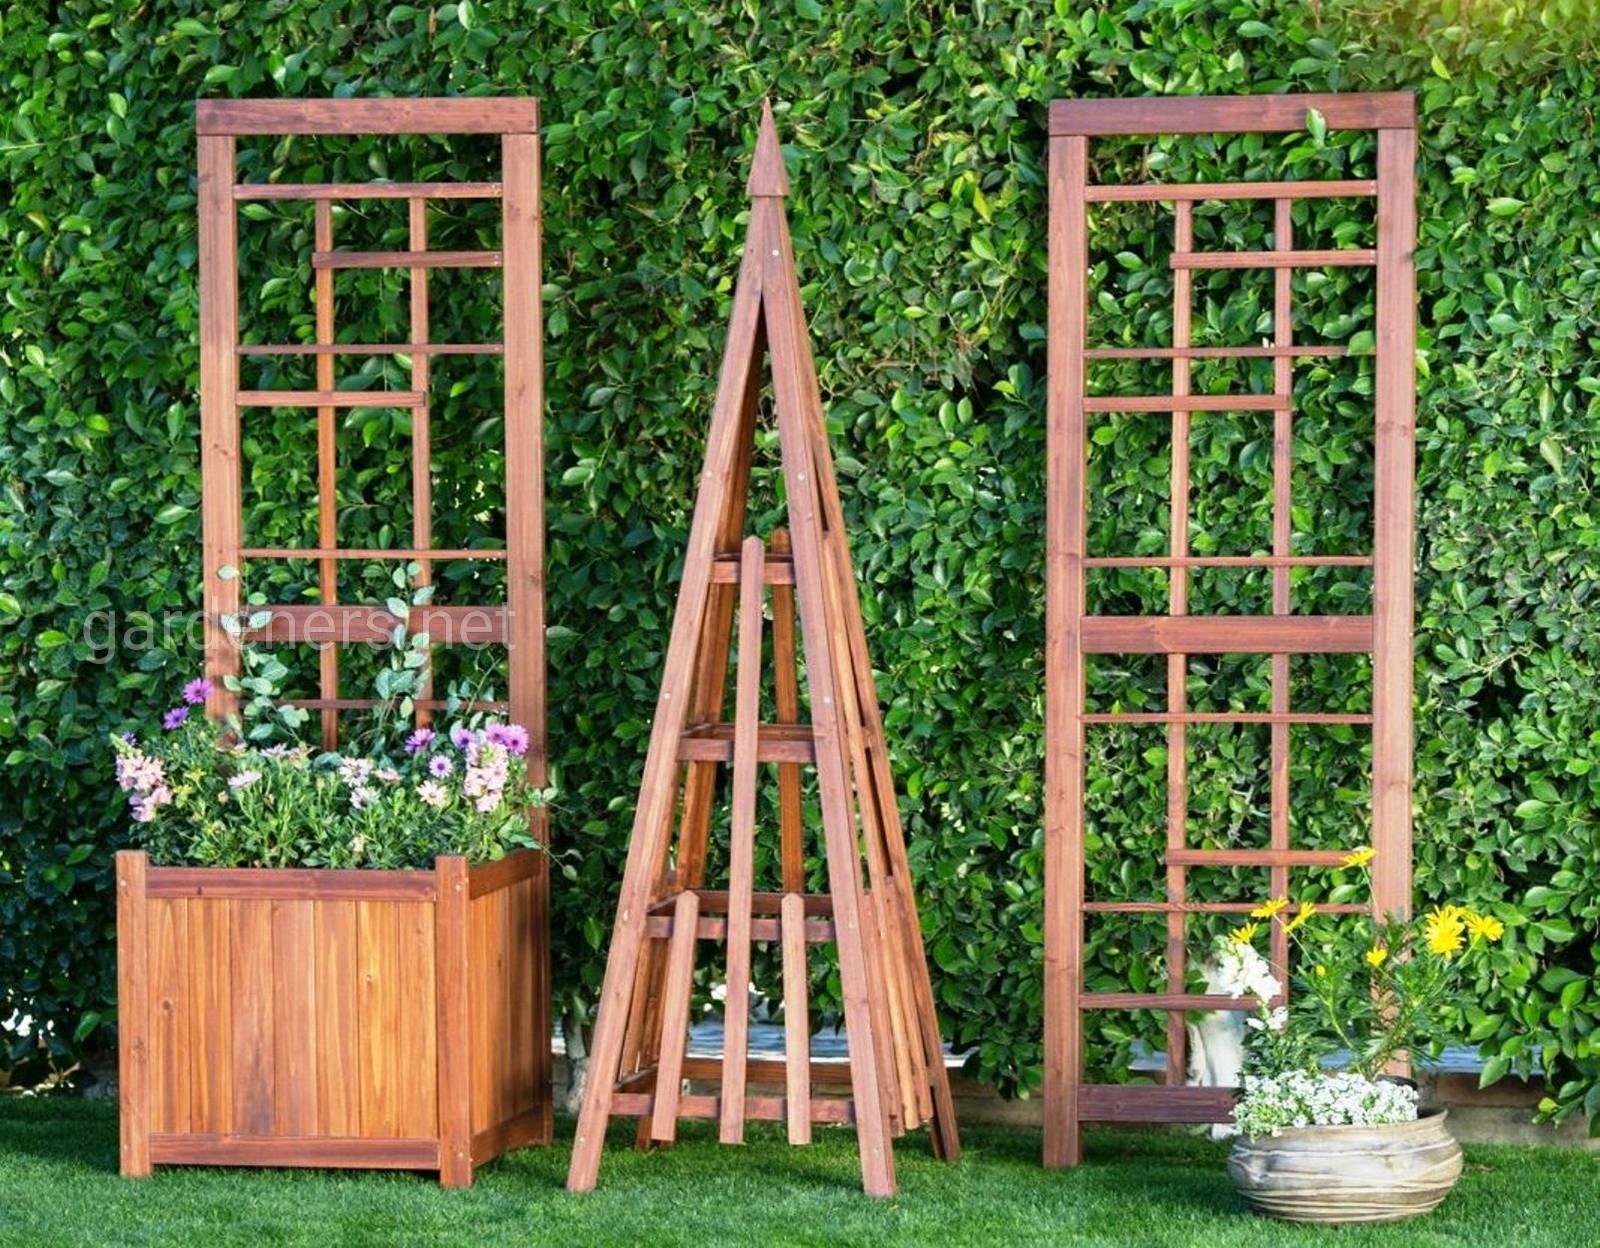 Вьющиеся растения на переносной деревянной шпалере с ящиками у подножья.jpg